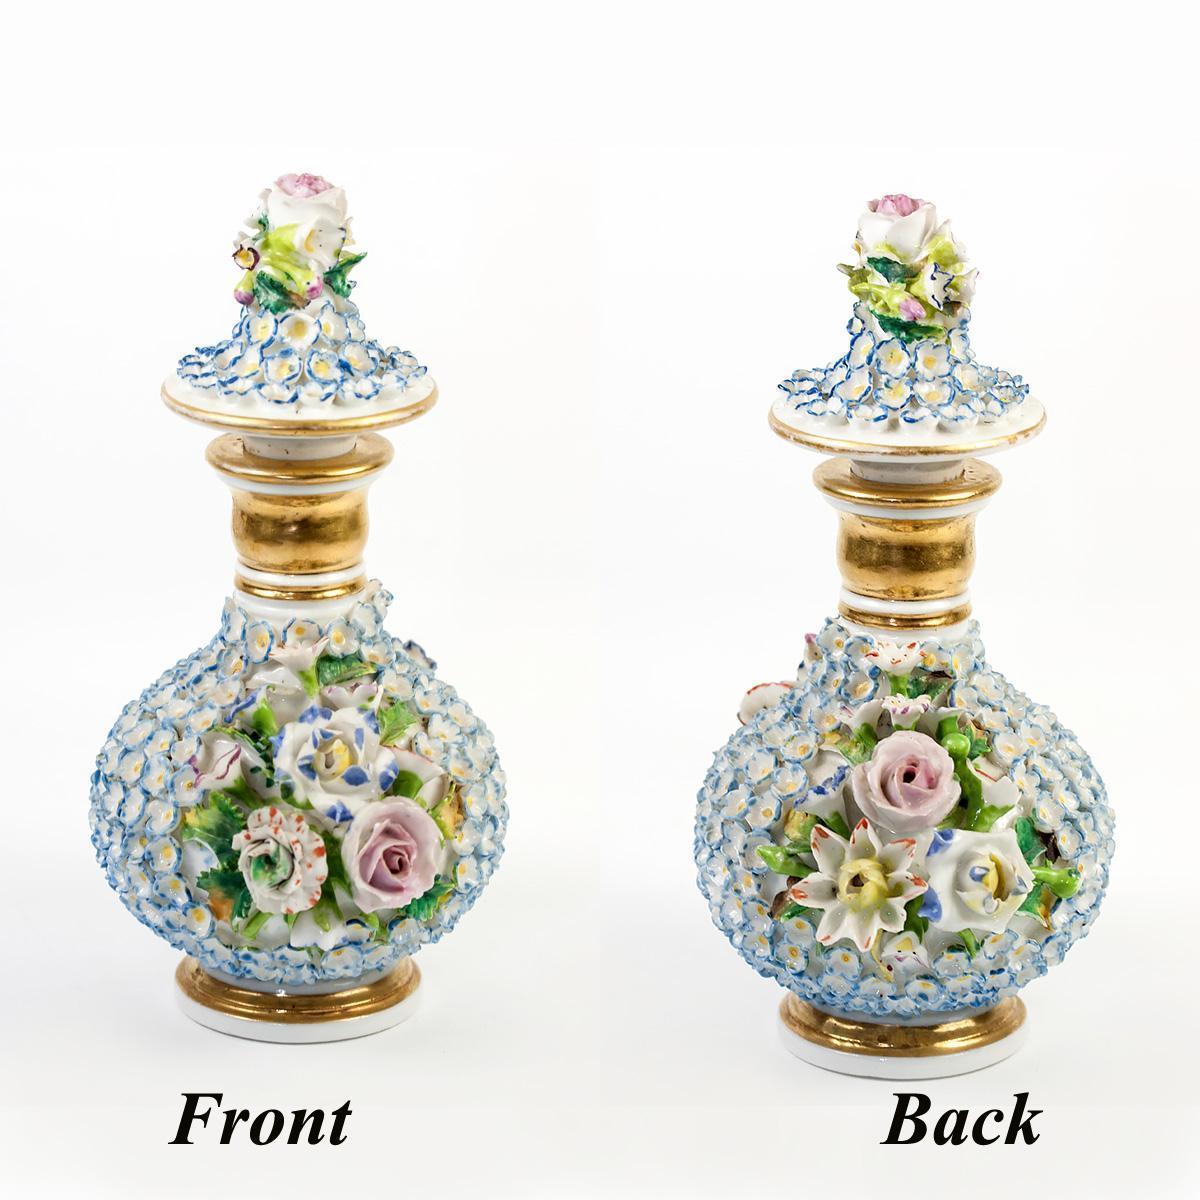 Antique French Porcelain Perfume Bottle, Jacob Petit, Old Paris, #1